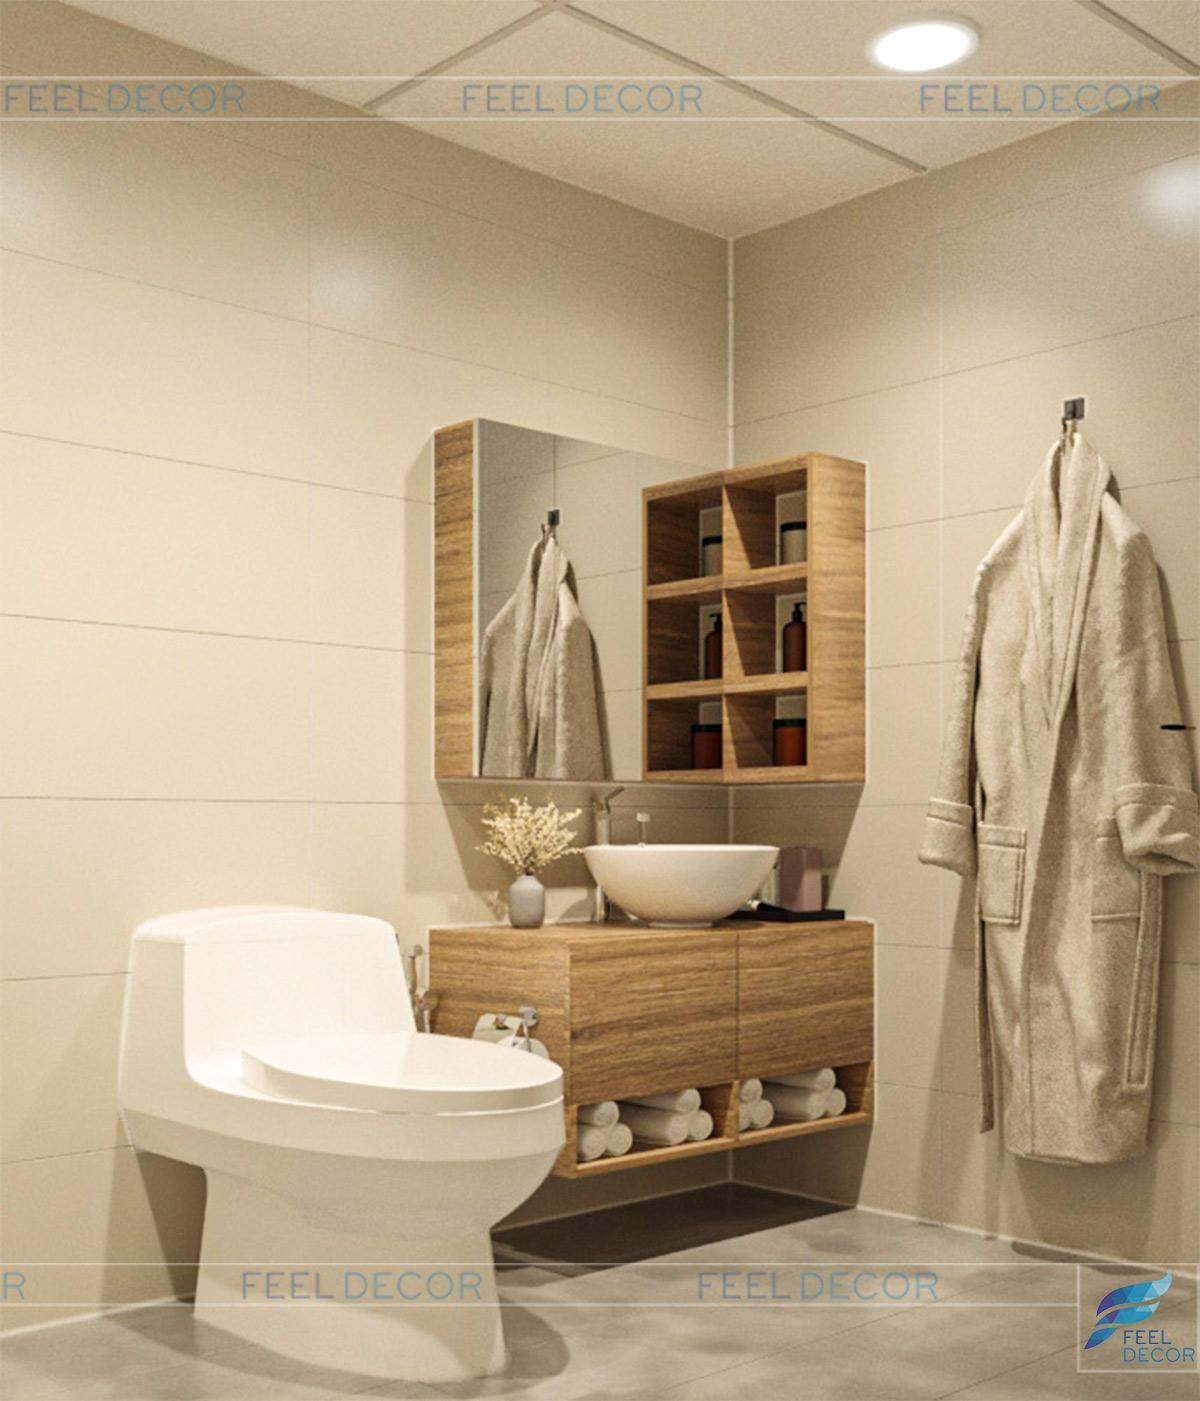 Thiết kế thi công nội thất căn hộ 88m2 chung cư Cityzen – Chủ đầu tư anh Đức